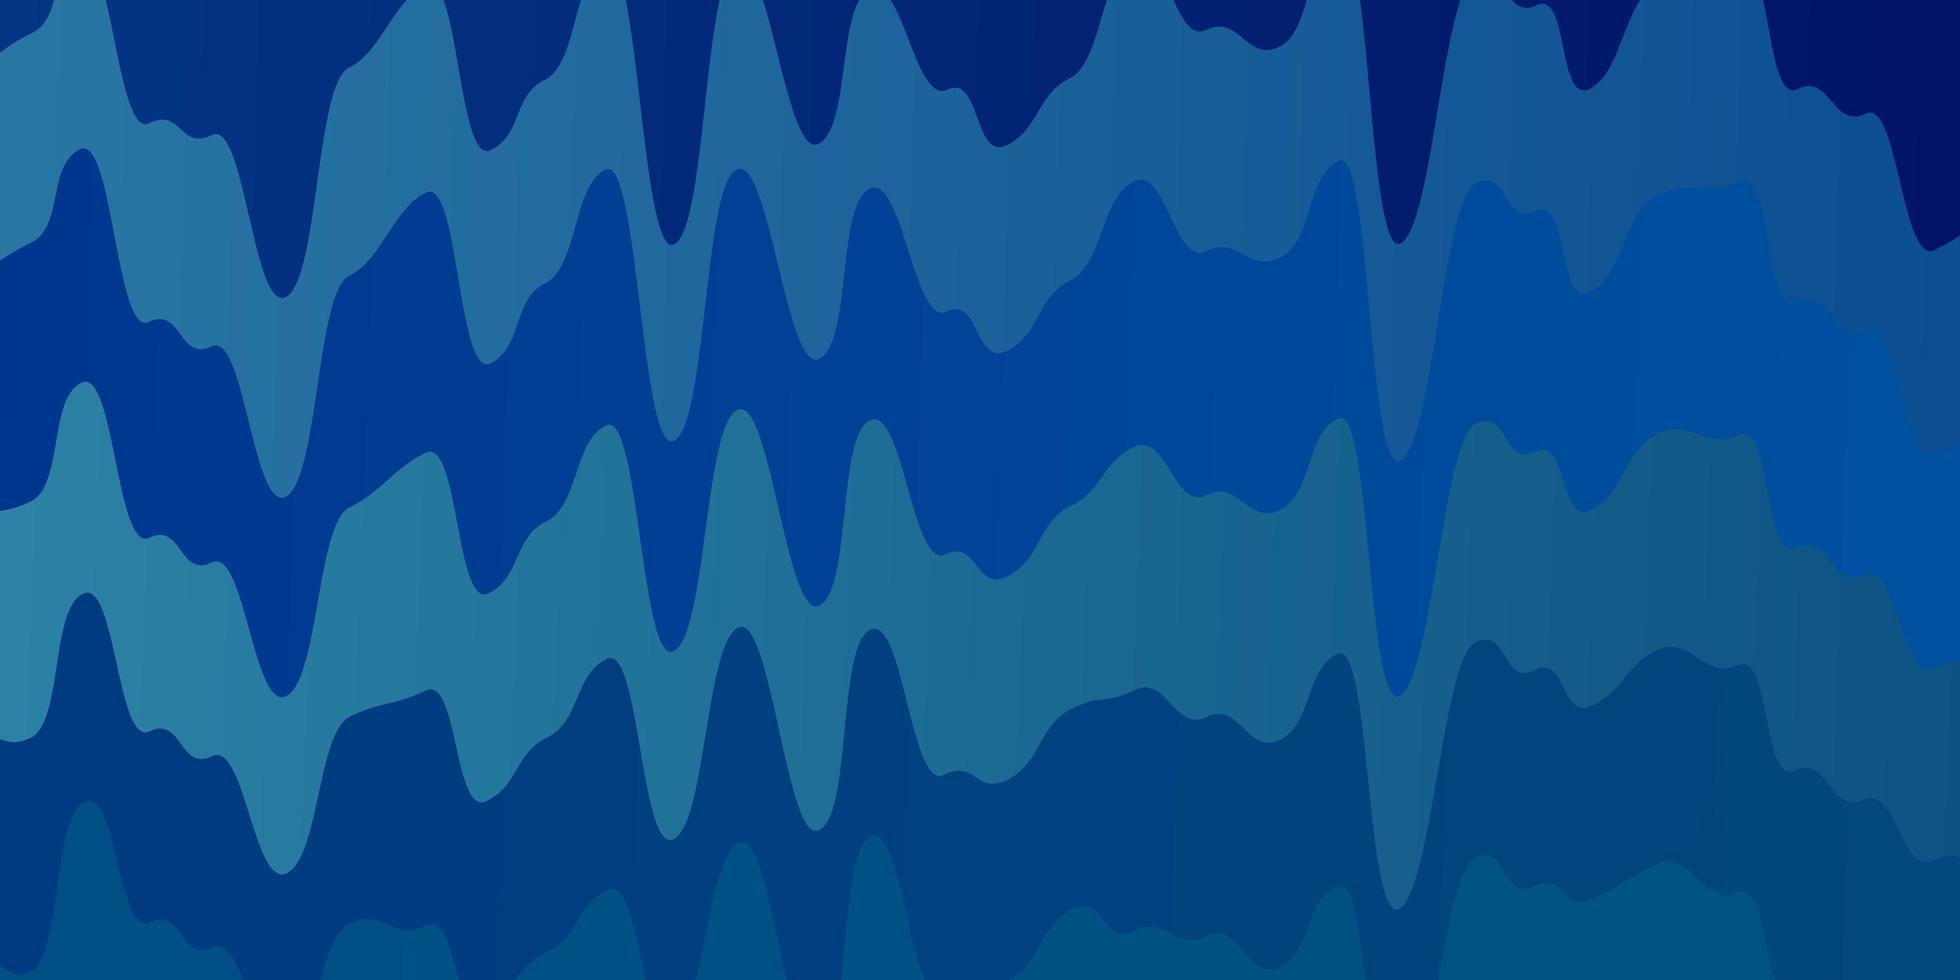 ljusblå vektorbakgrund med sneda linjer. vektor